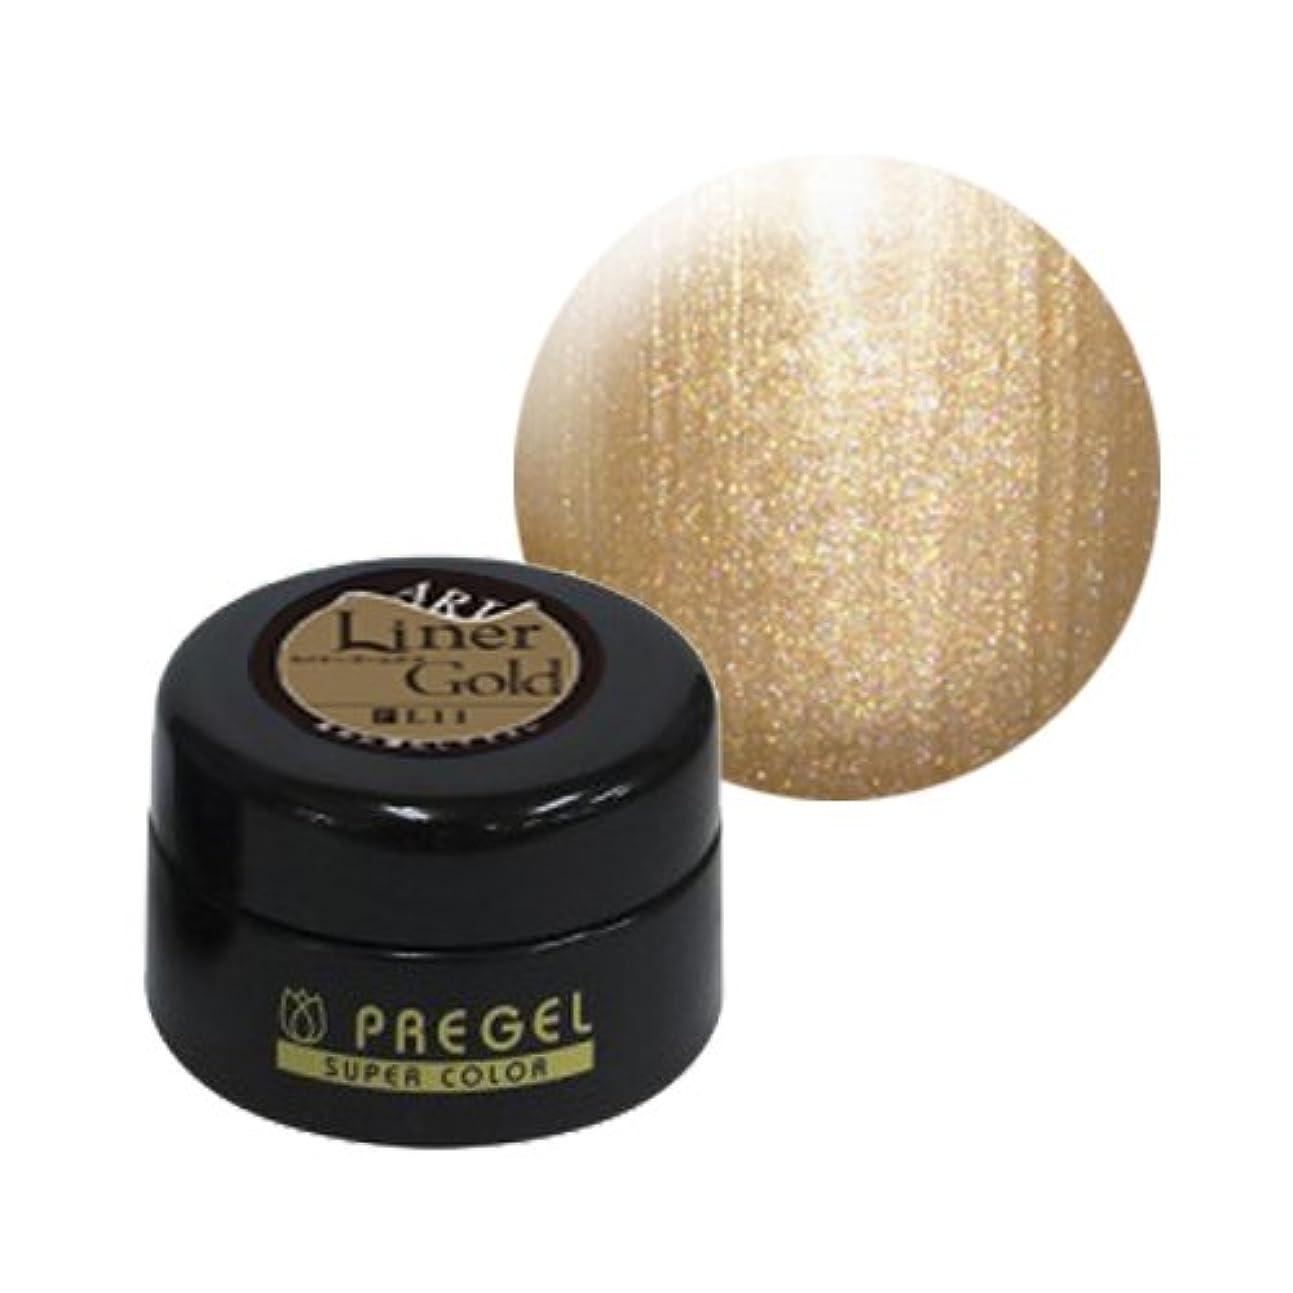 限定準拠のホスト【PREGEL】スーパーカラーEx ライナーゴールド-P / L11 【UV&LED】プリジェル カラージェル ジェルネイル用品